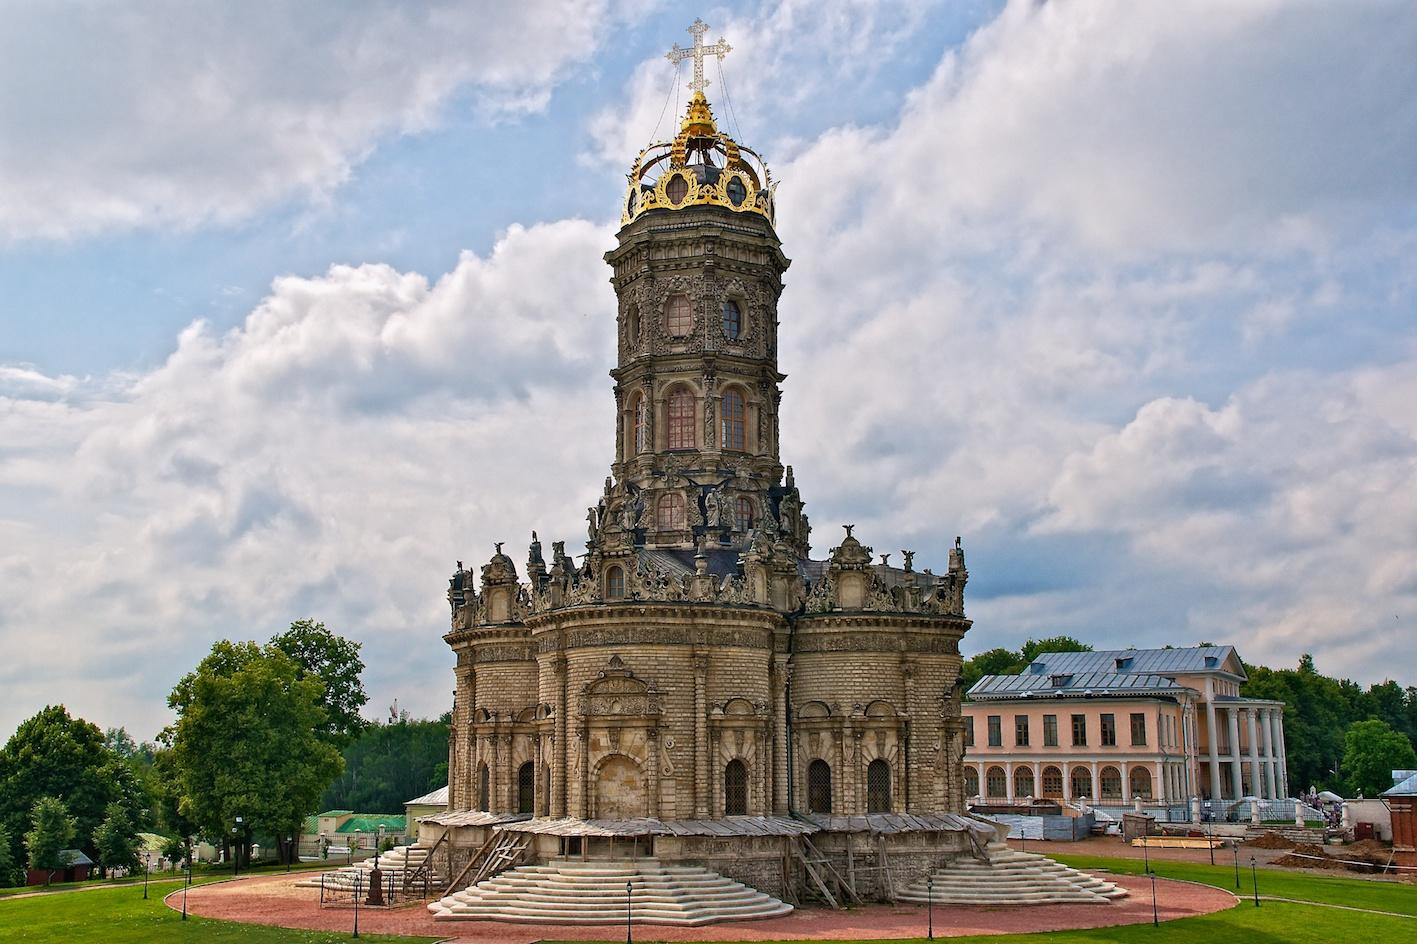 Знаменский храм Знамения Пресвятой Богородицы